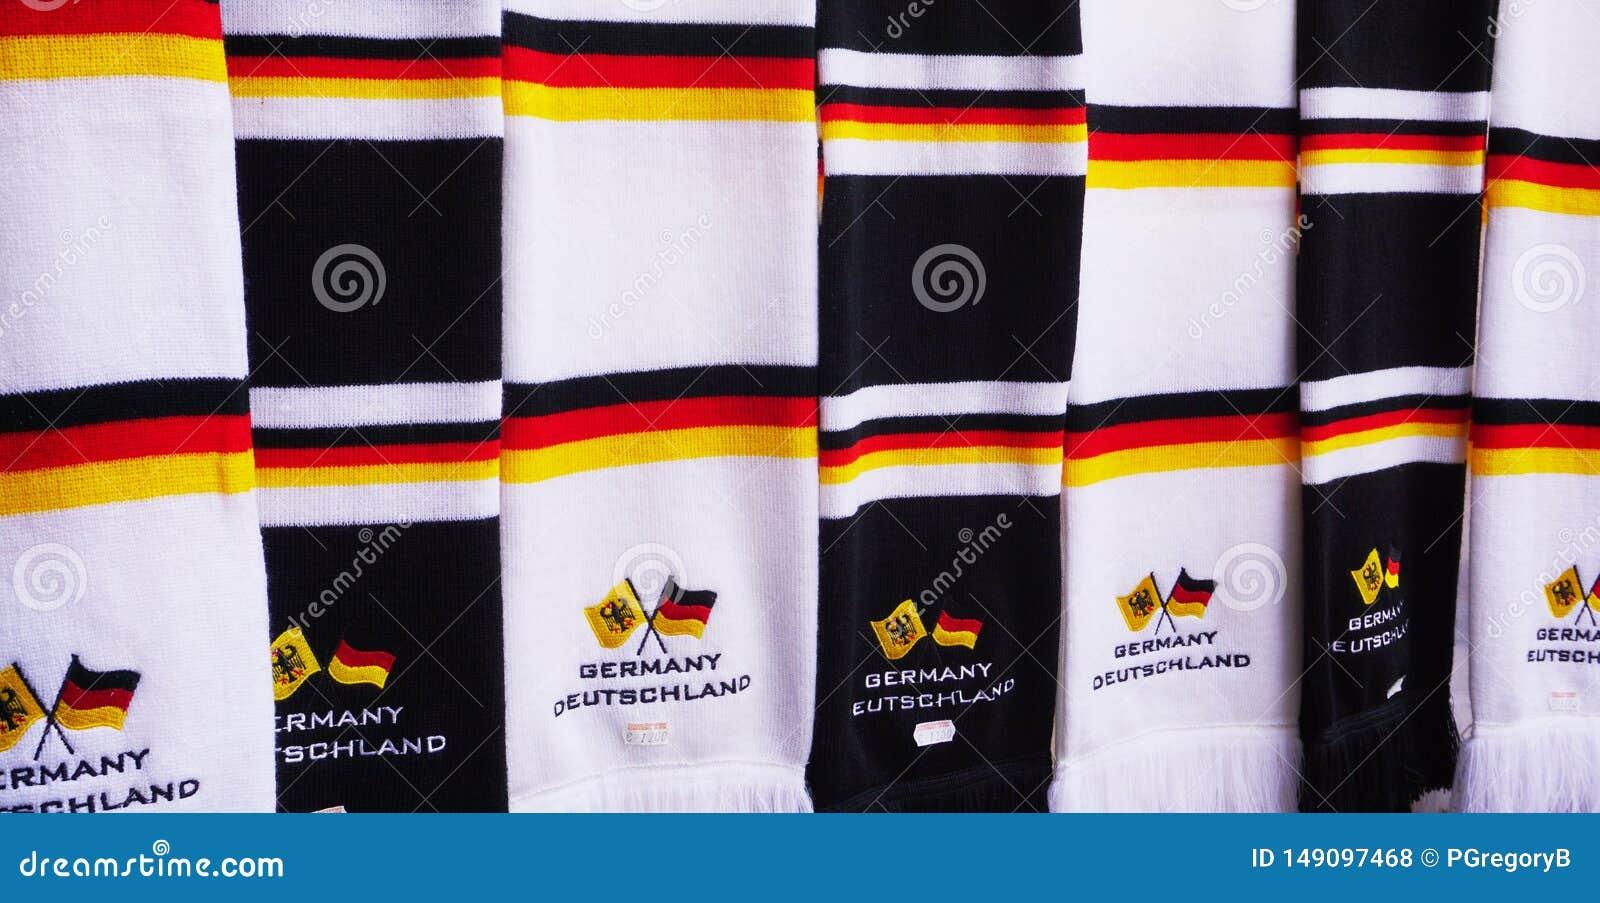 Schließen Sie oben von den Schals mit den Farben der deutschen Flagge